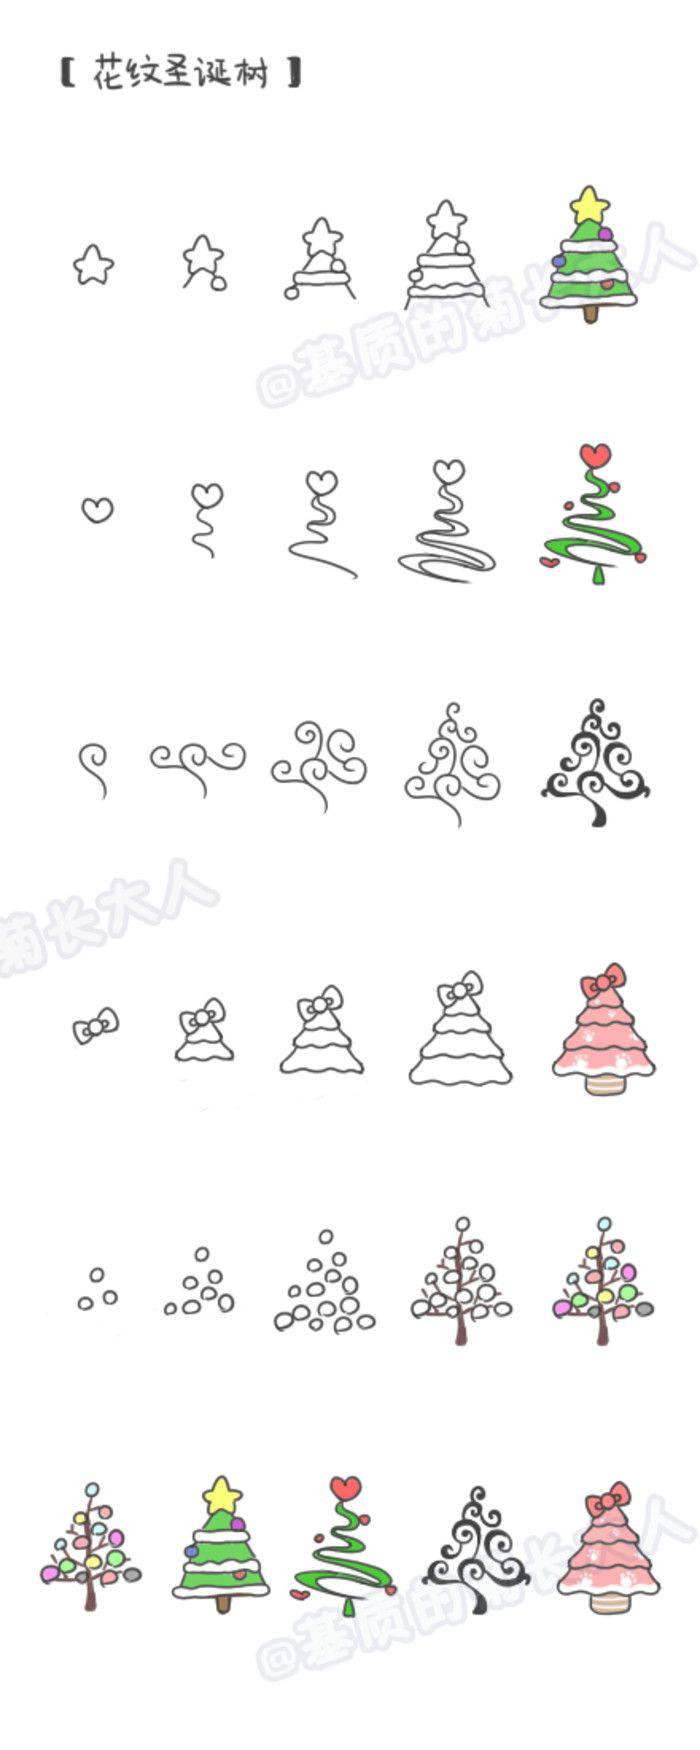 如何画圣诞树,来自@基质的菊长大人                                                                                                                                                     More